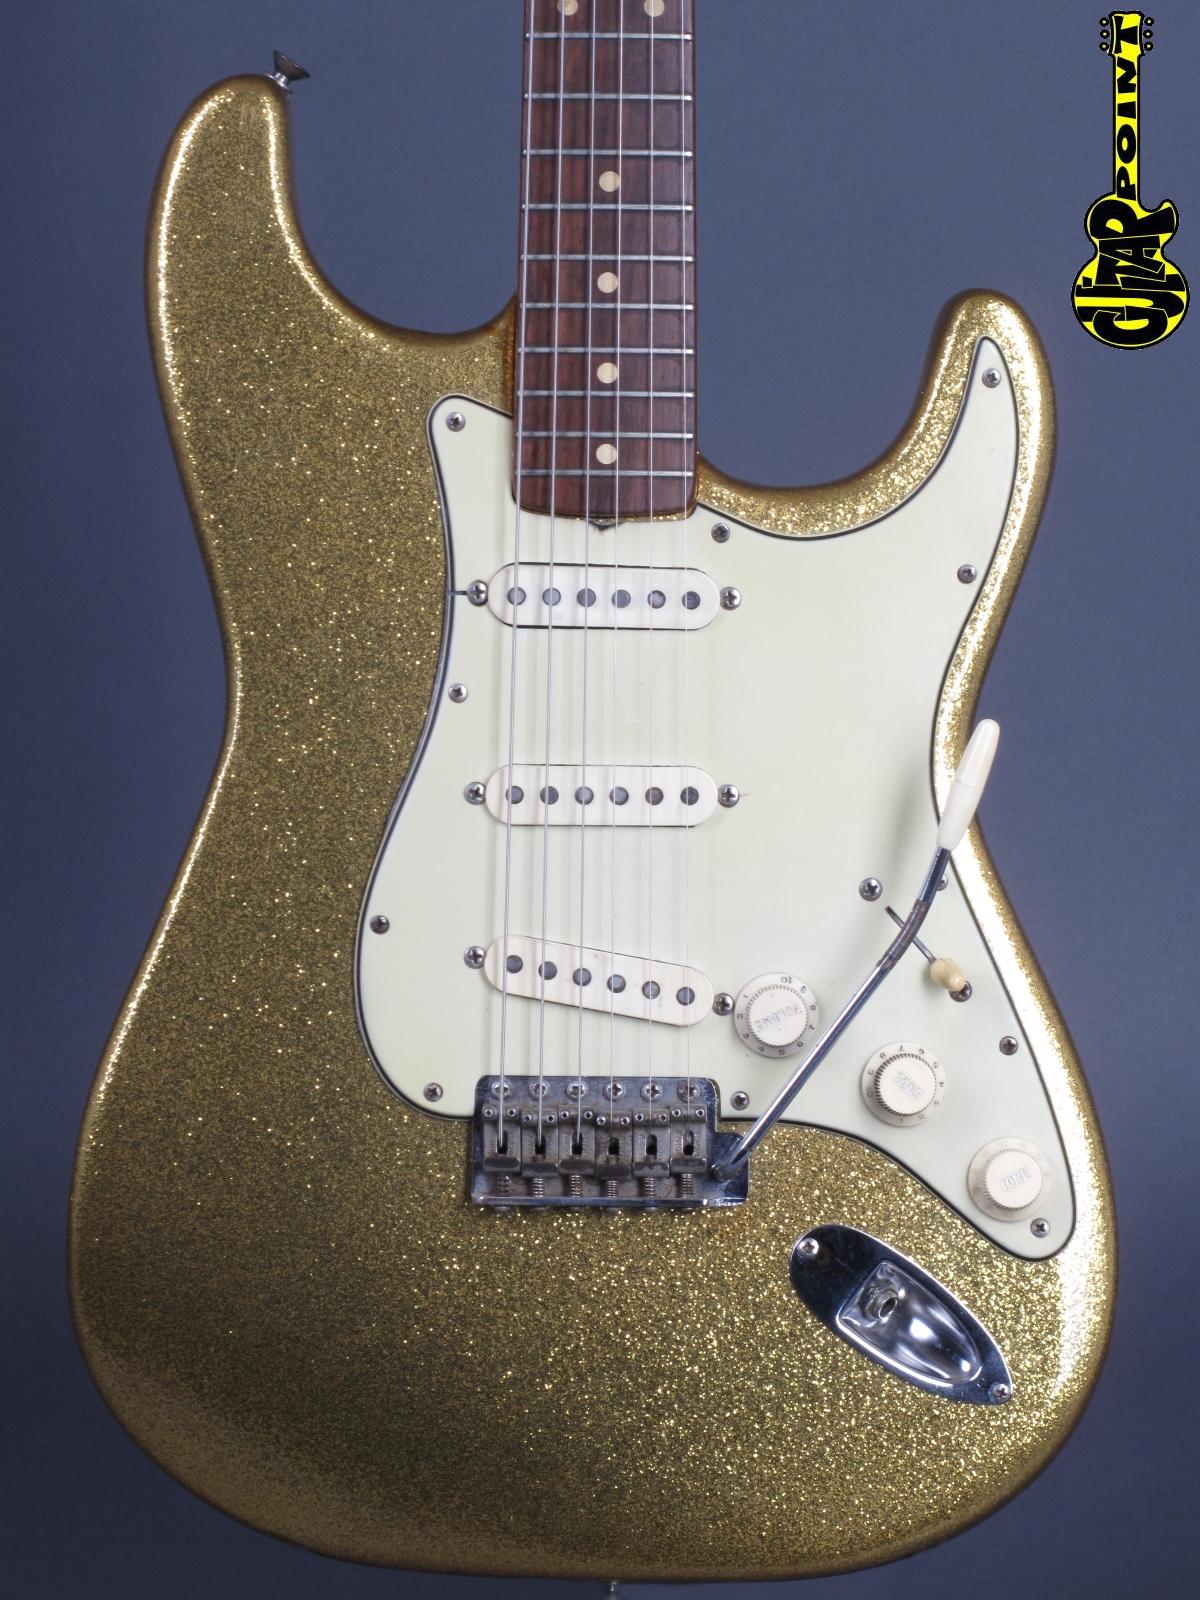 1962 Fender Stratocaster - Gold Sparkle / ex. Bob Dylan !